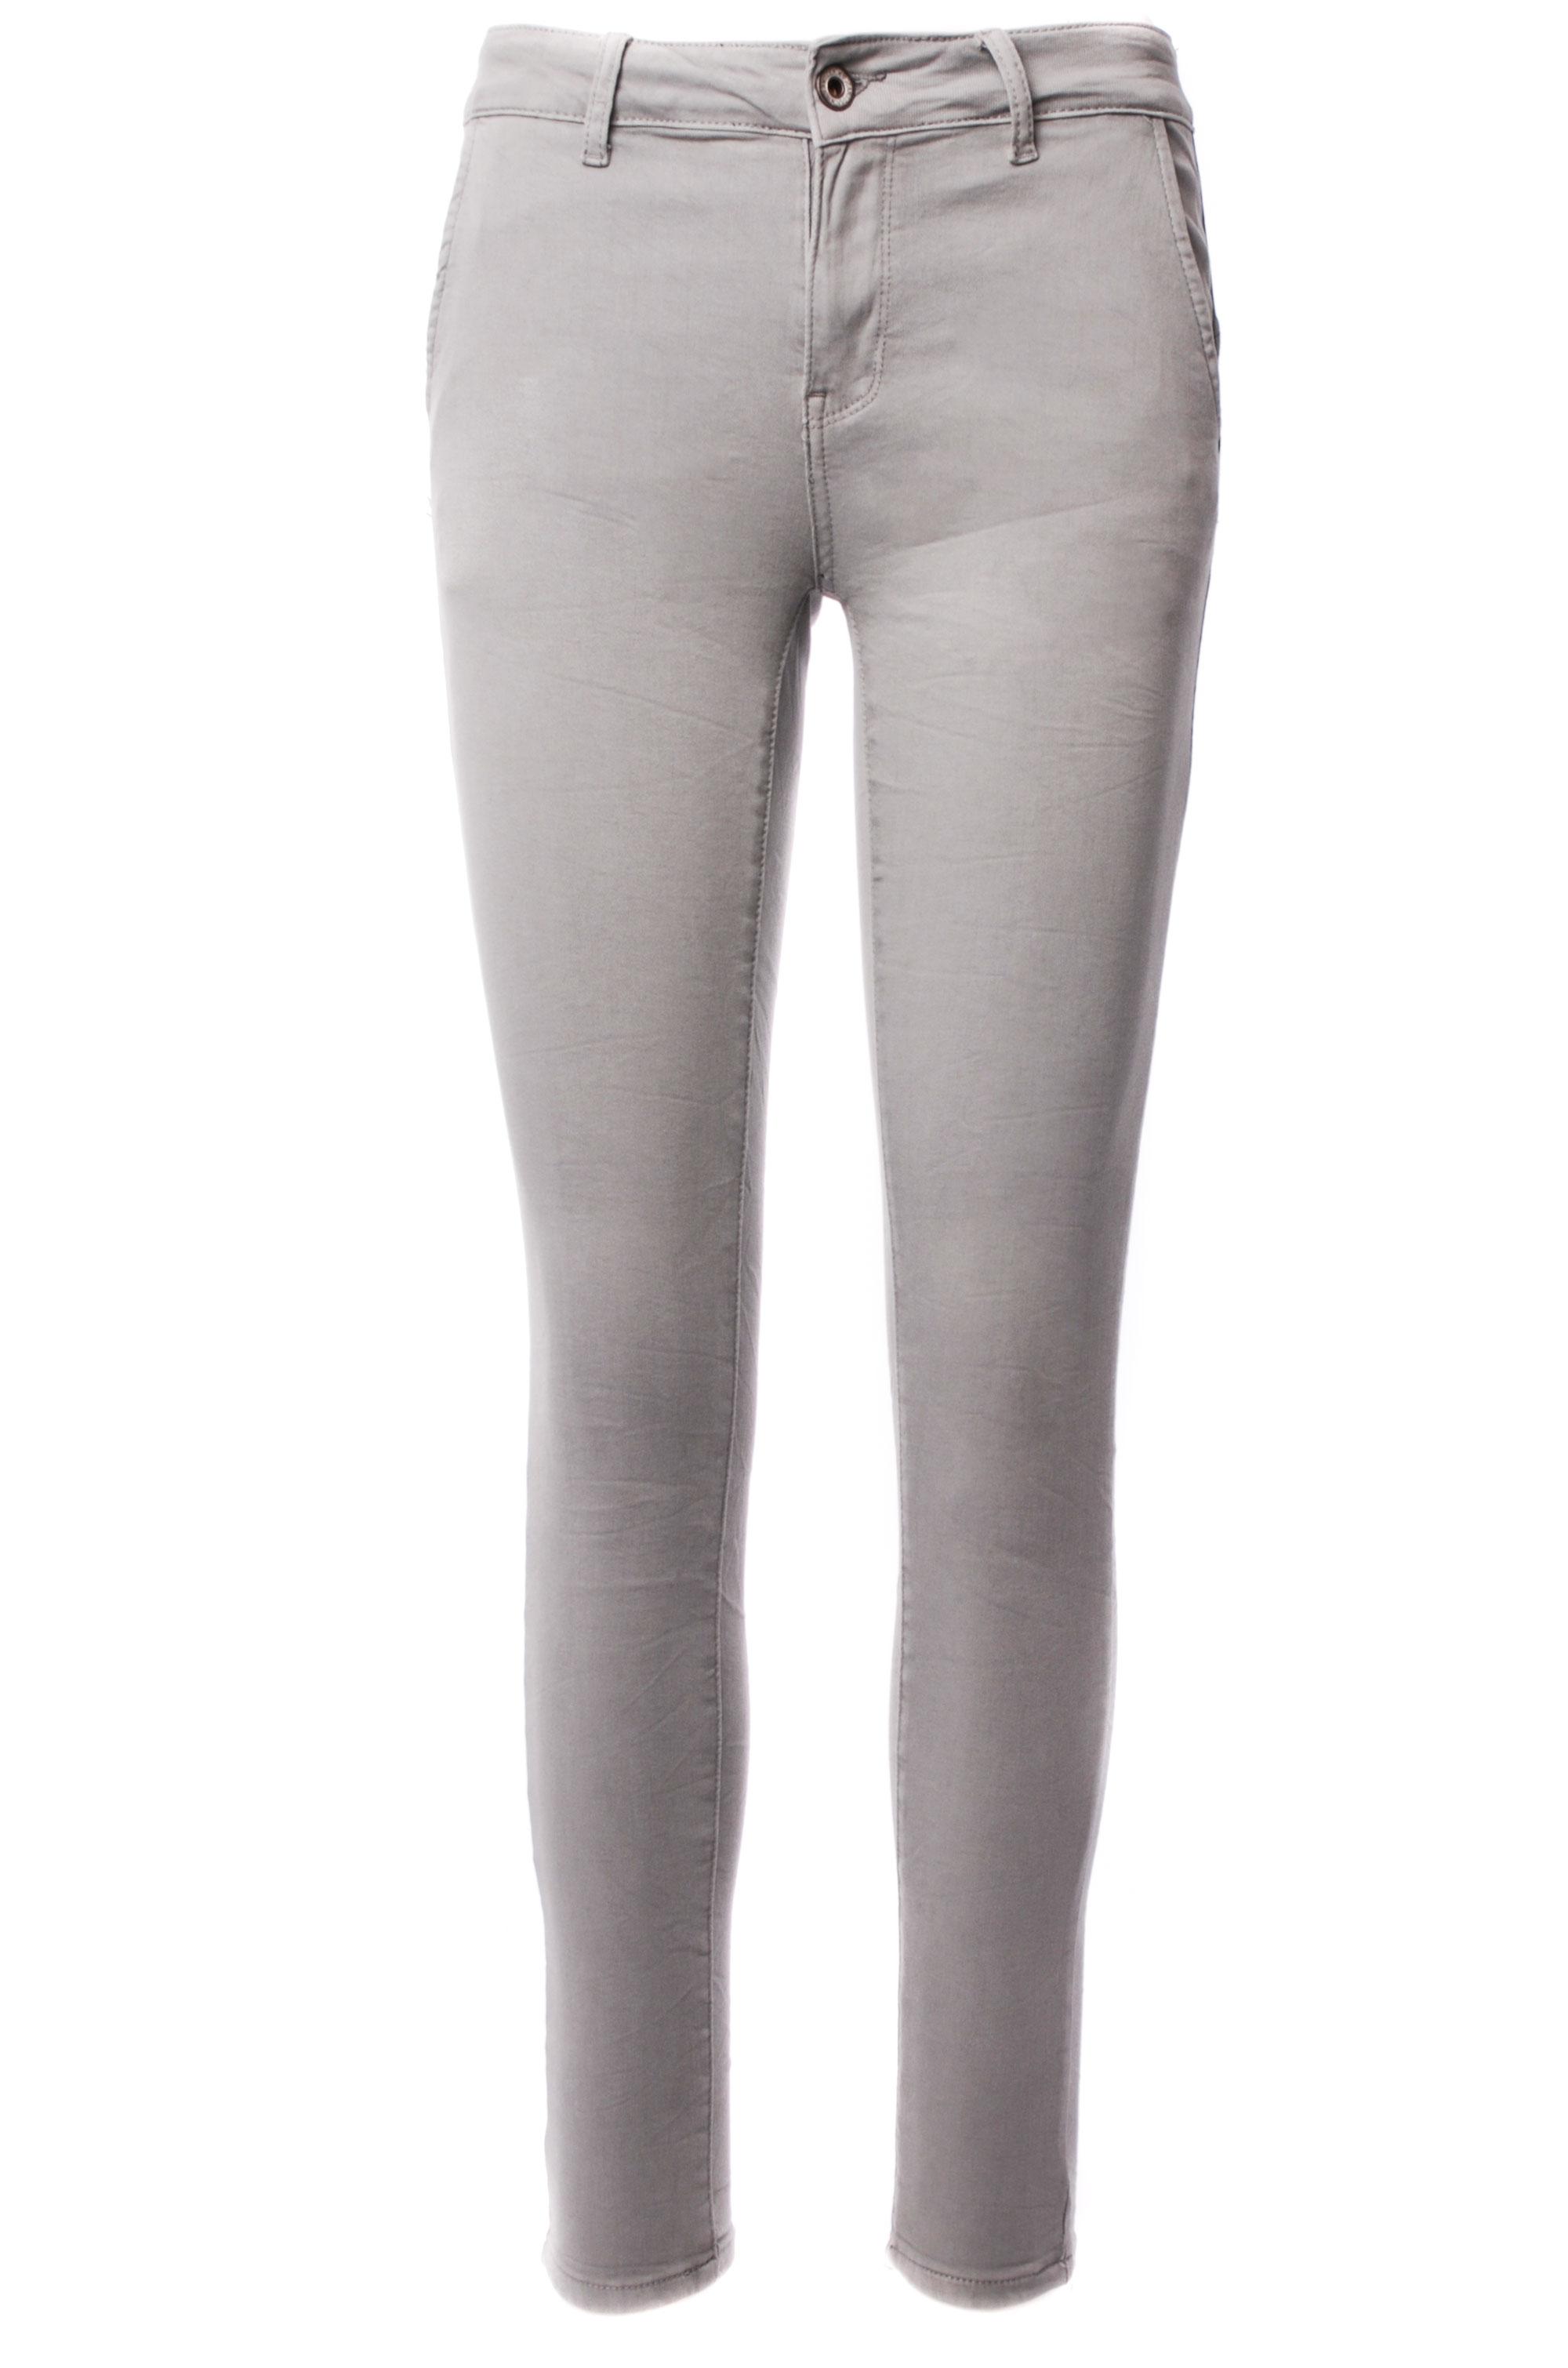 Spodnie - 42-60591 GRIG - Unisono